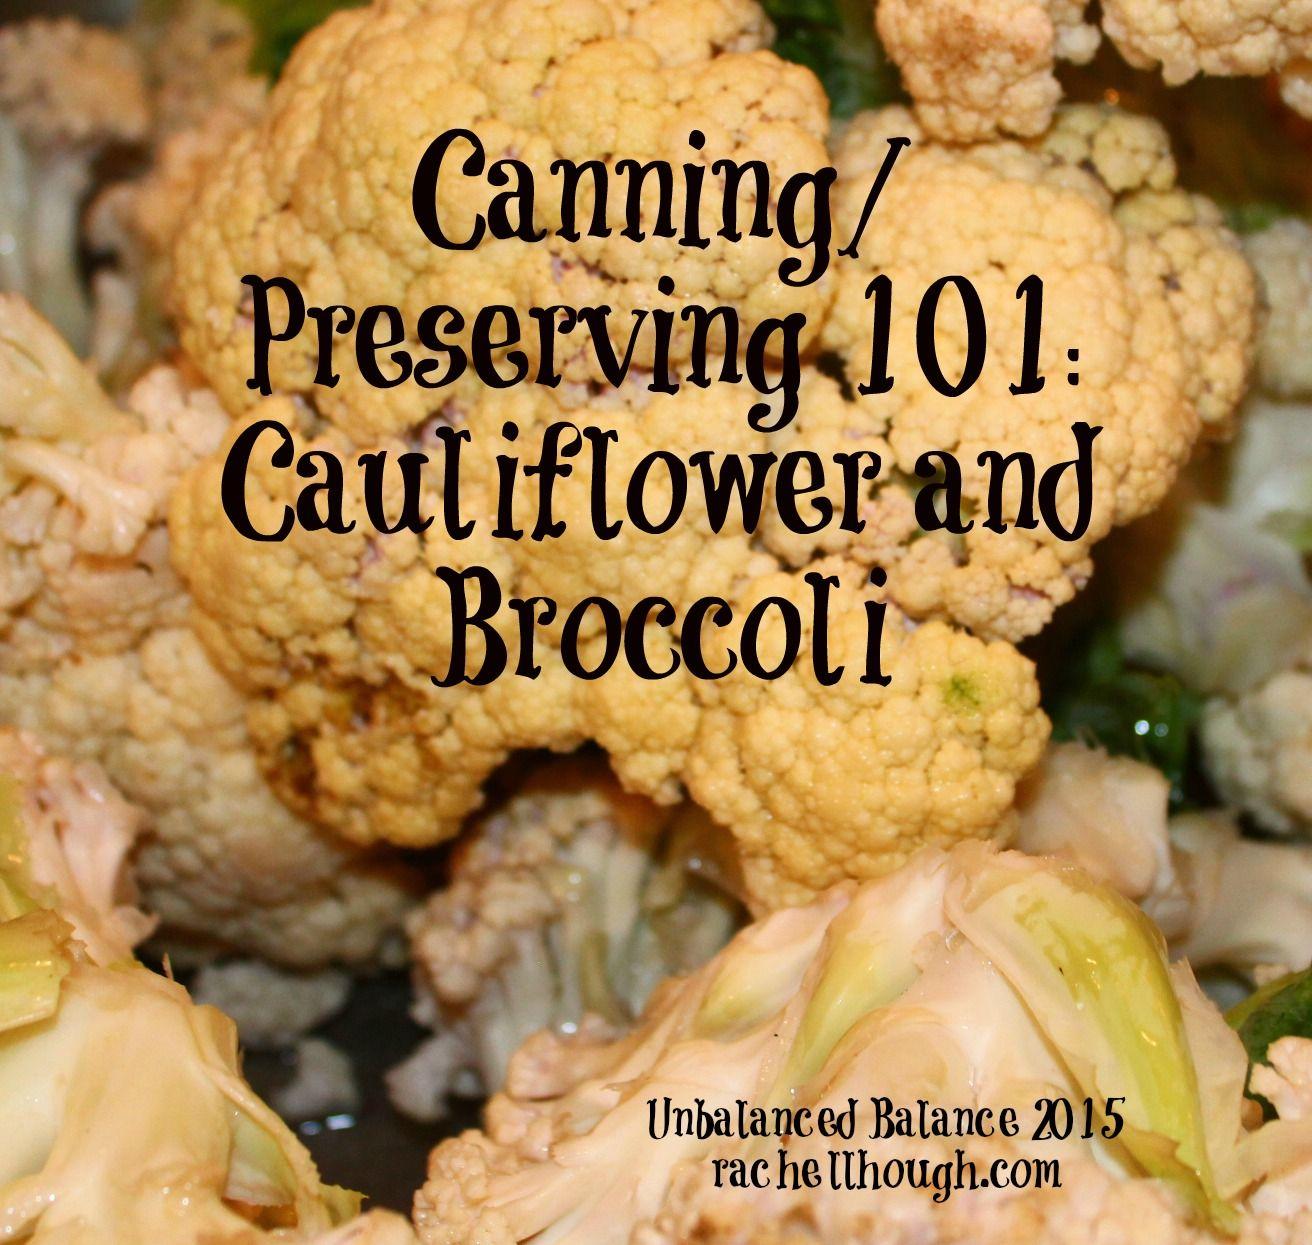 Freezing cauliflower and broccoli cauliflower freezing